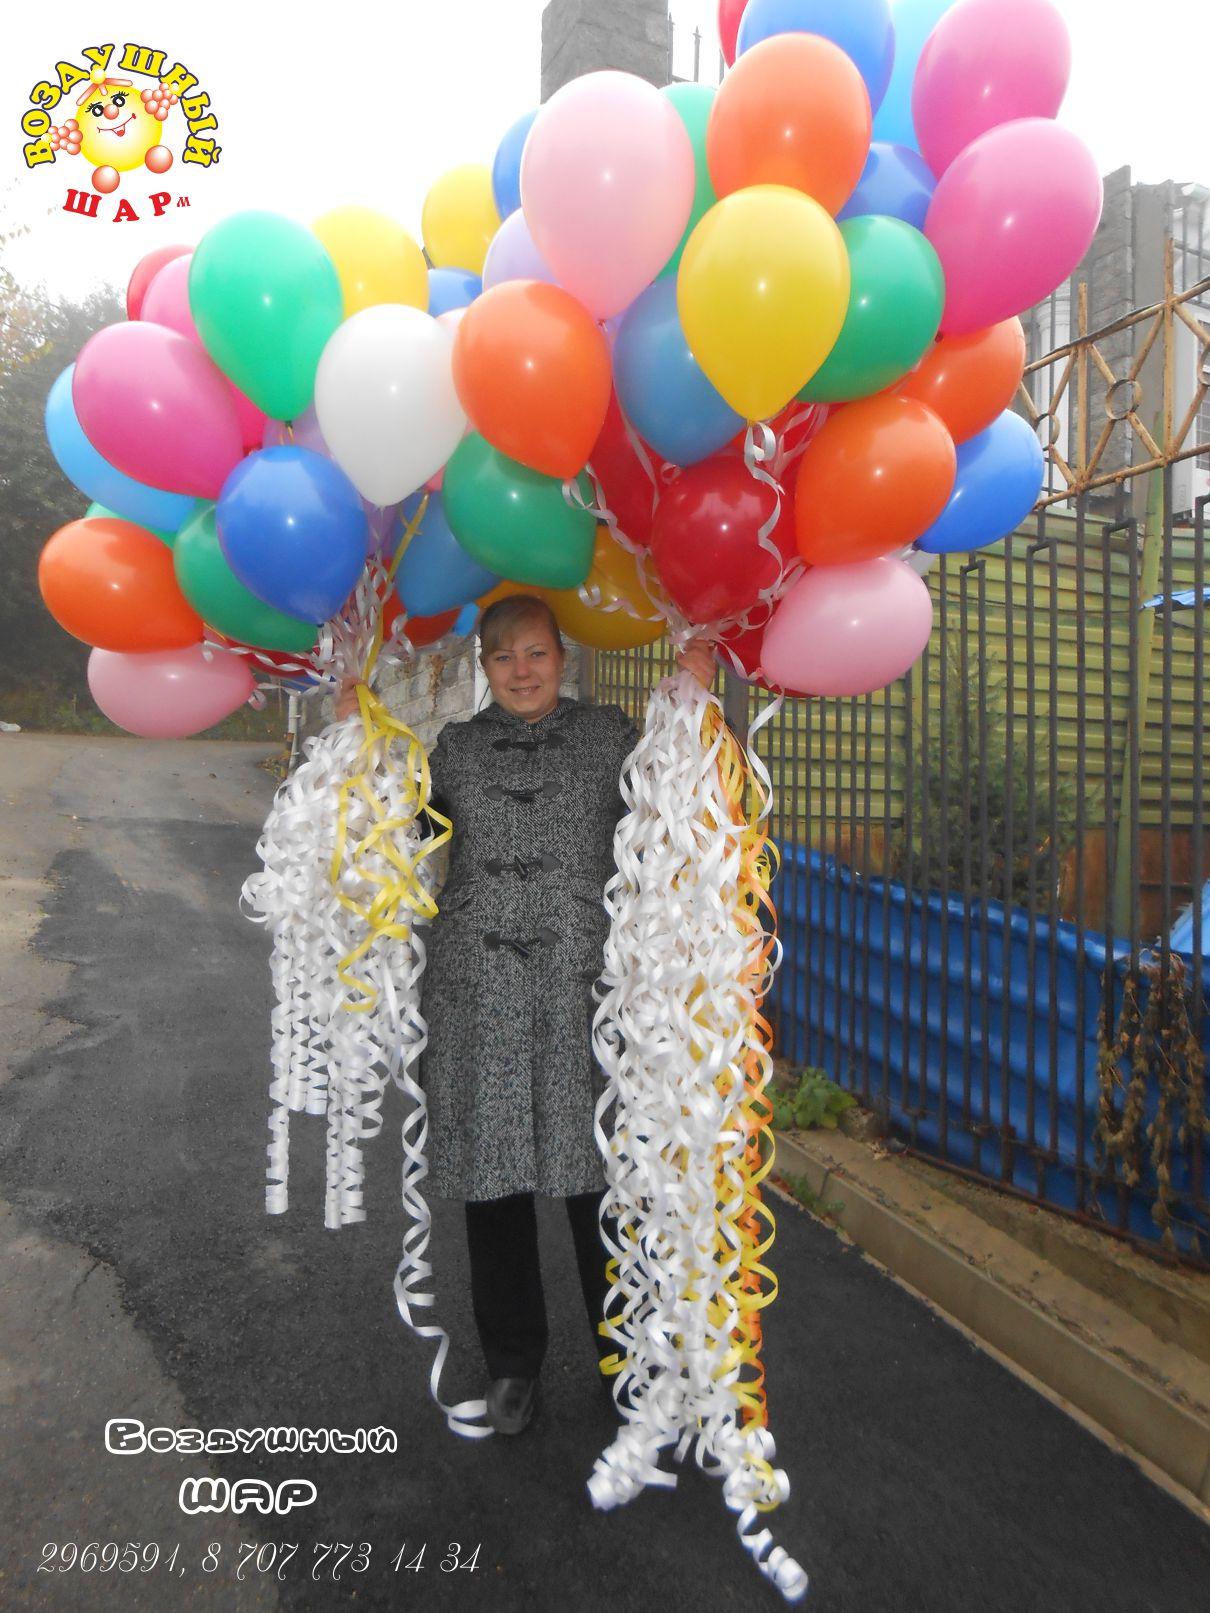 заказать_гелиевые_воздушные_шарики_на_день_рождения_в_Алматы.jpg